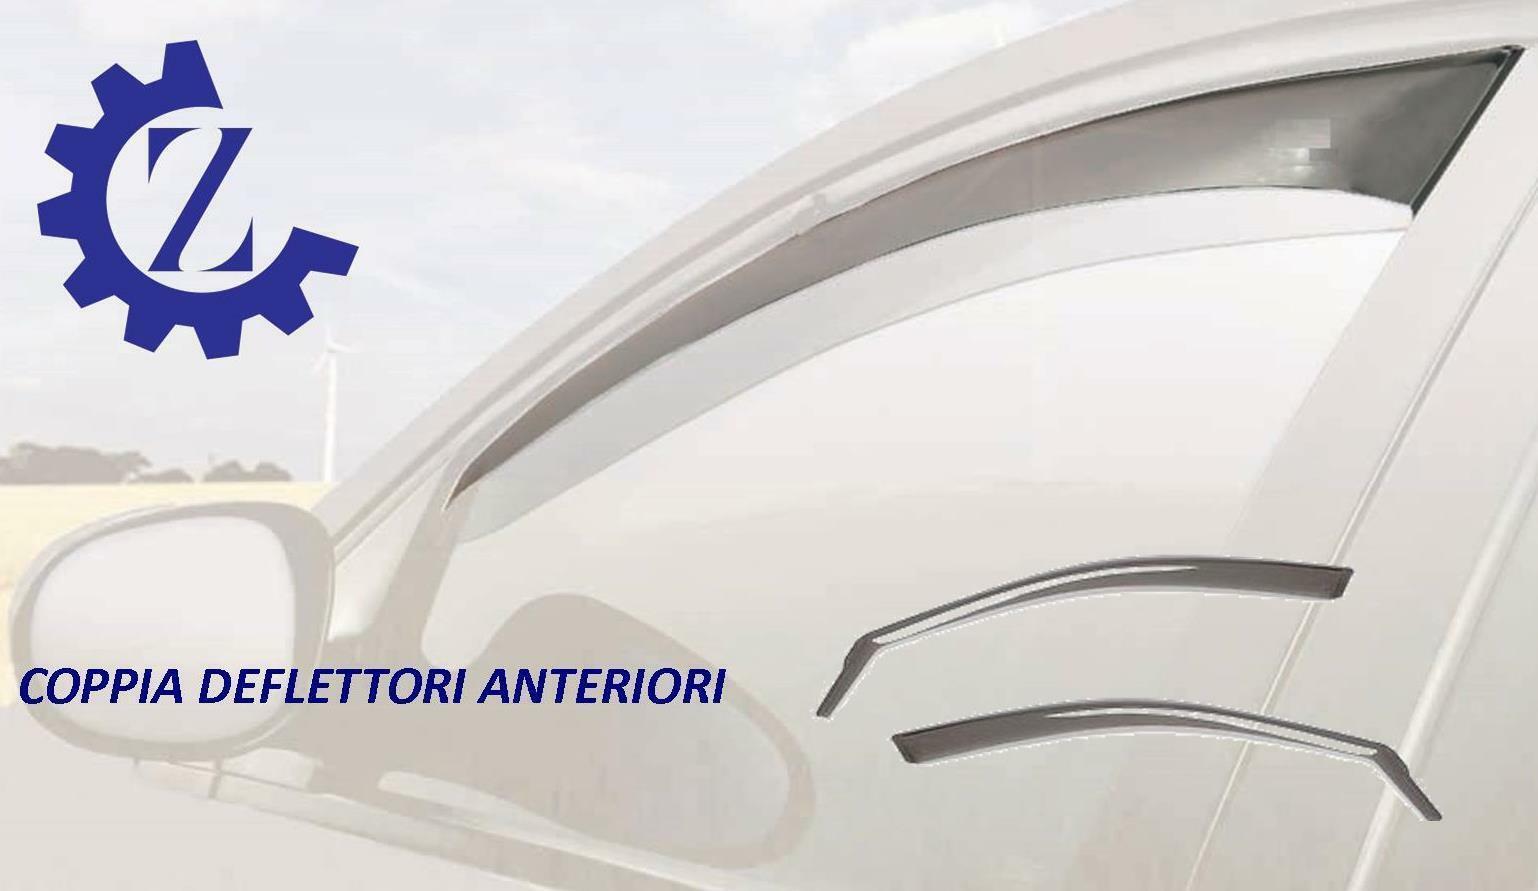 DEFLETTORI ARIA ANTITURBO PER VW POLO 94 5 PORTE